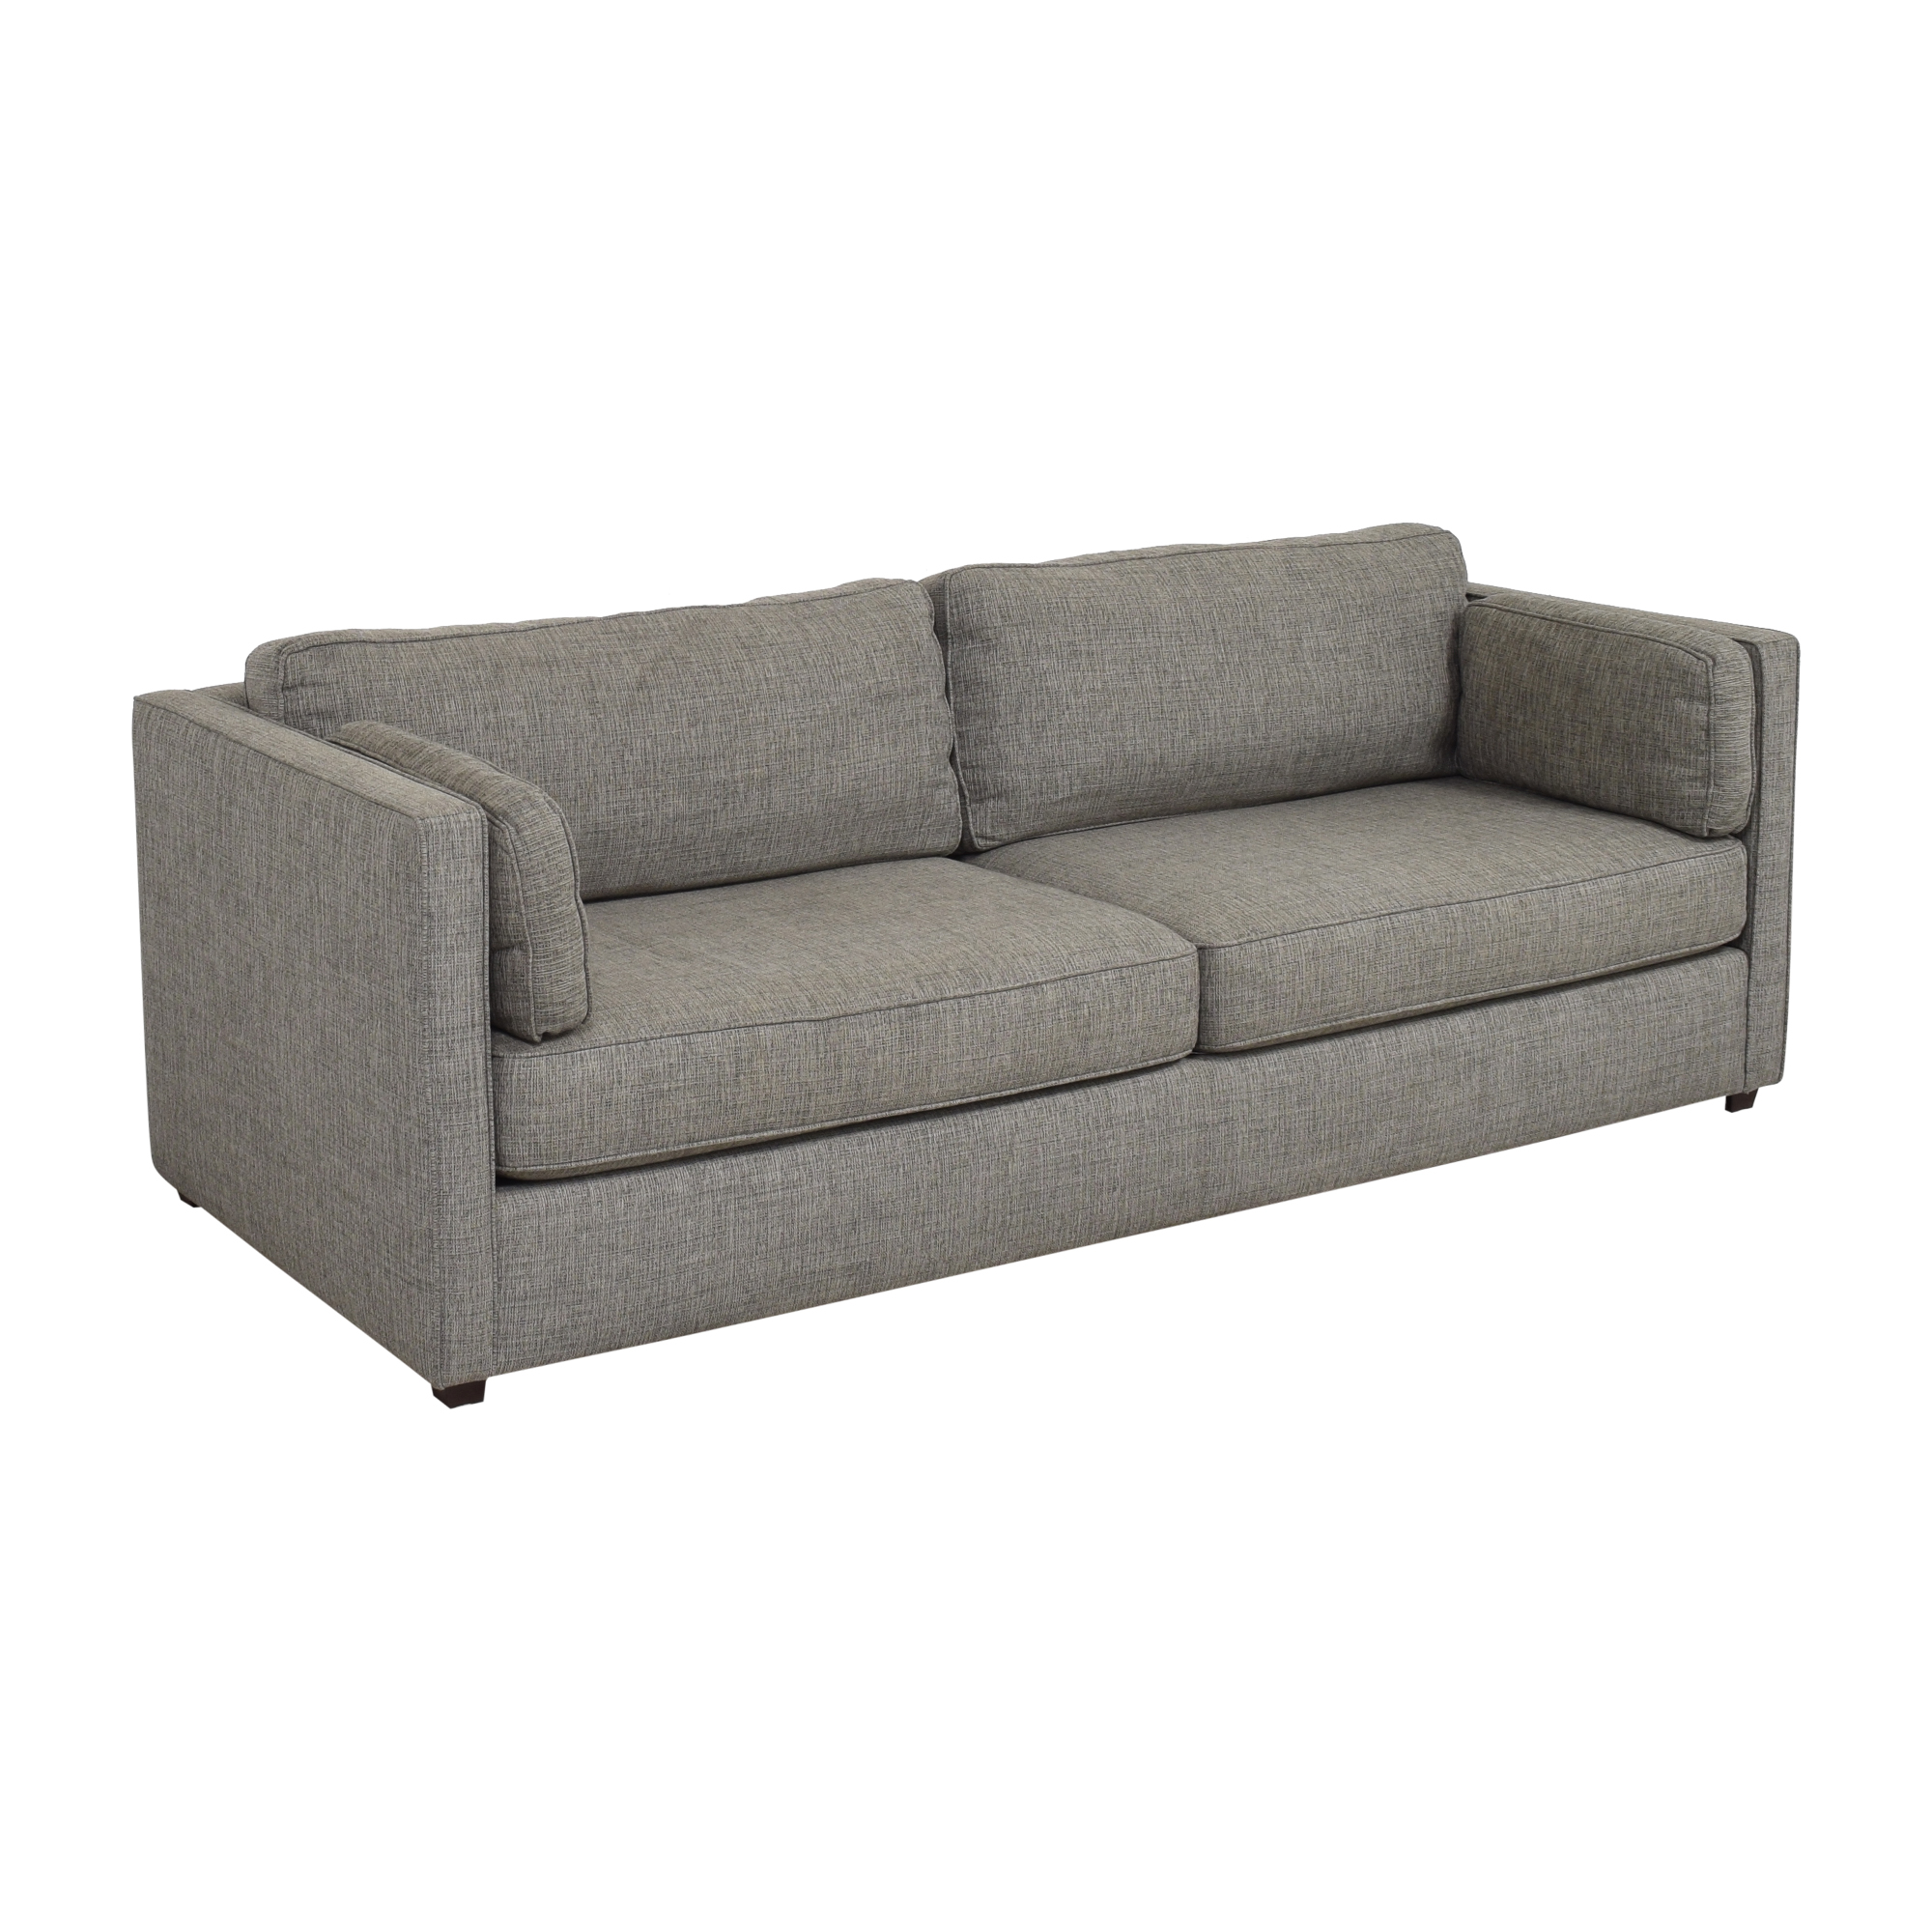 Room & Board Room & Board Watson Two Cushion Sofa ma